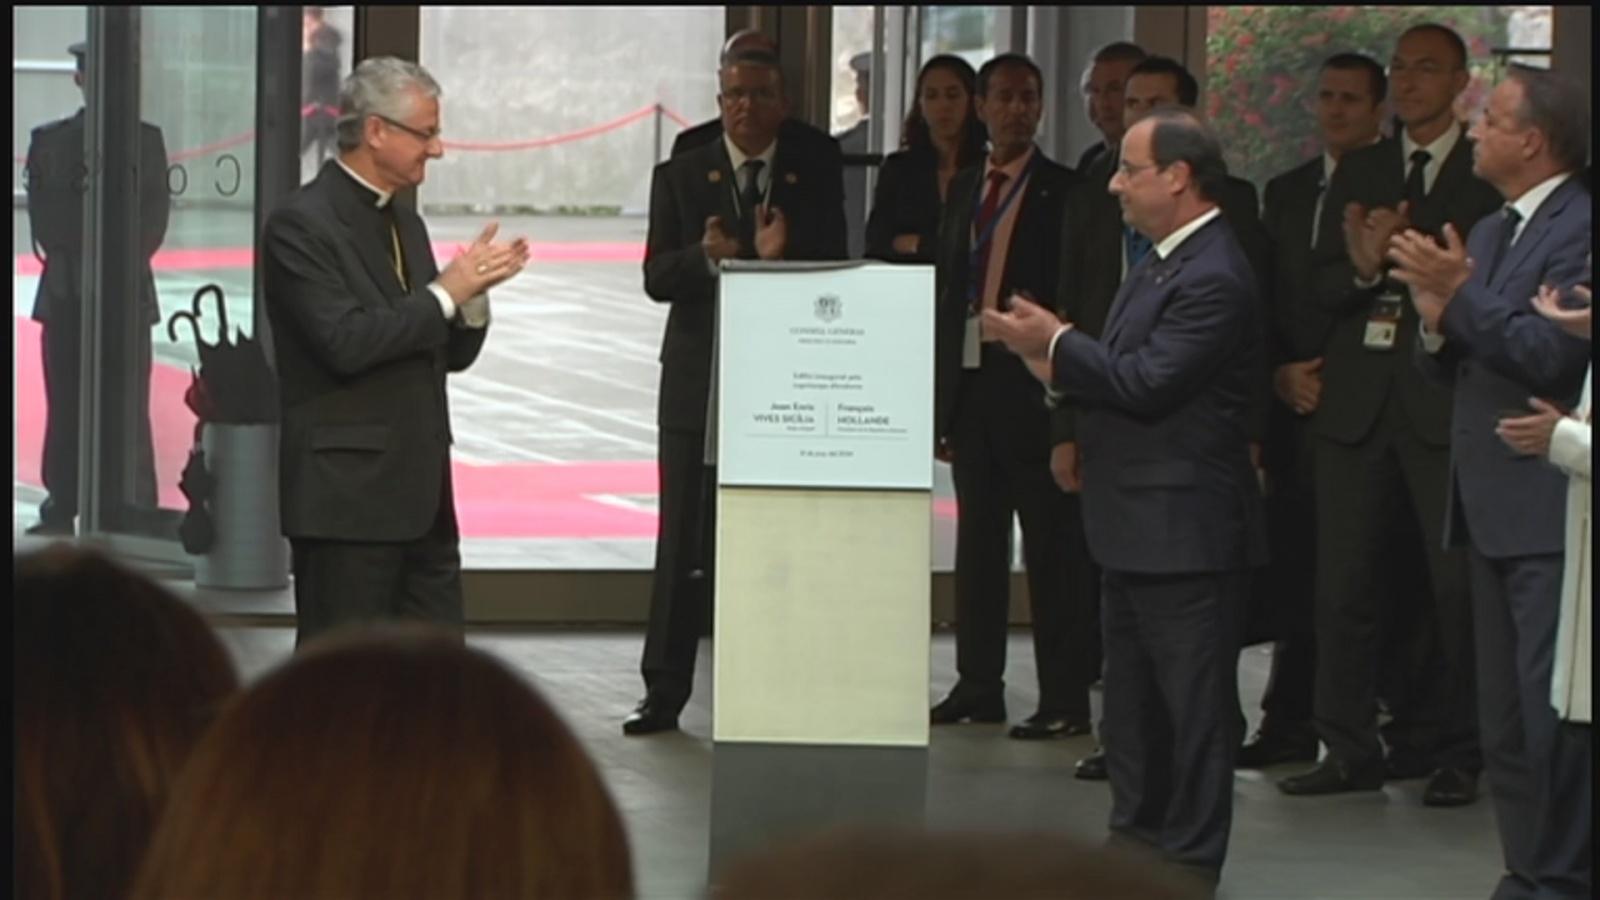 Els dos Coprínceps inauguren el Consell General